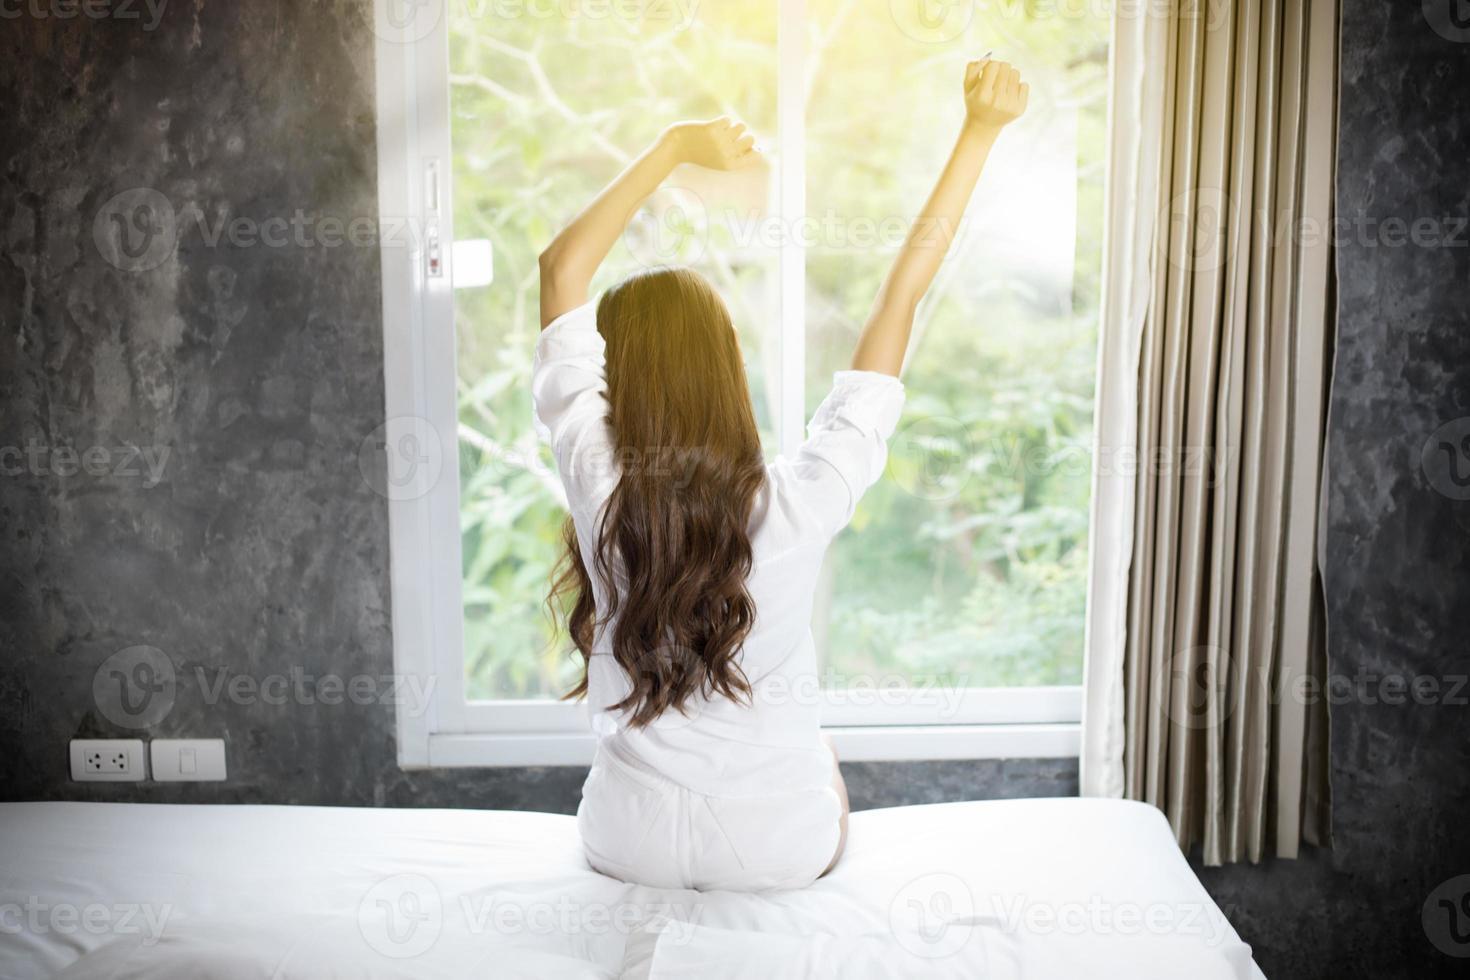 mulher asiática linda jovem sorridente mulher sentada na cama e alongamento pela manhã no quarto, depois de acordar em sua cama totalmente descansada e abrir as cortinas pela manhã para tomar ar fresco. foto